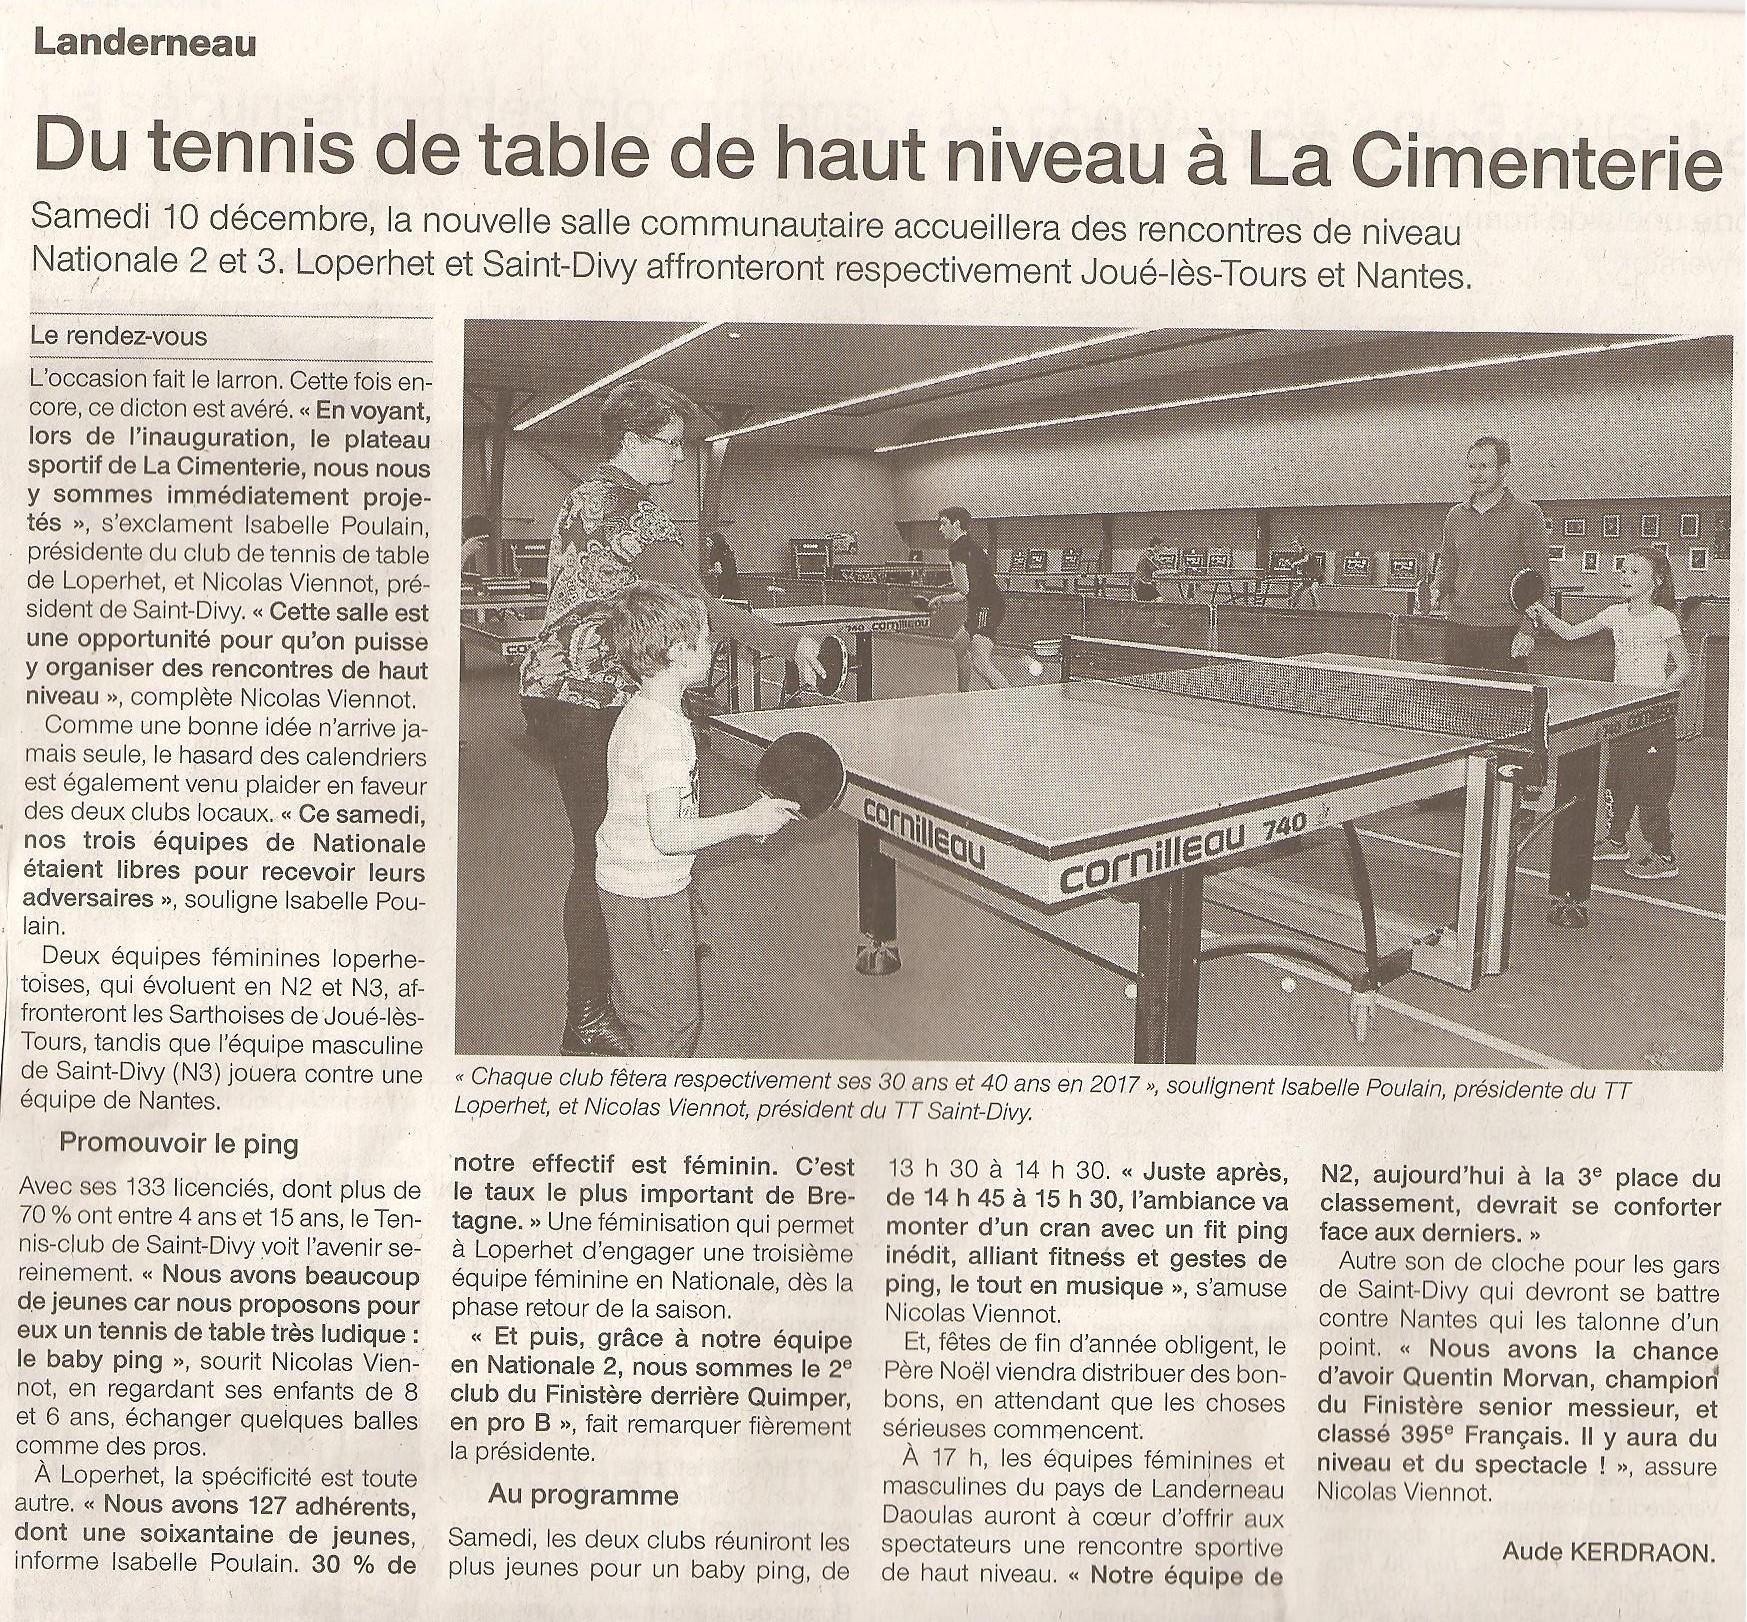 V nement match de nationale 3 la cimenterie sdstt - Ligue de bretagne de tennis de table ...